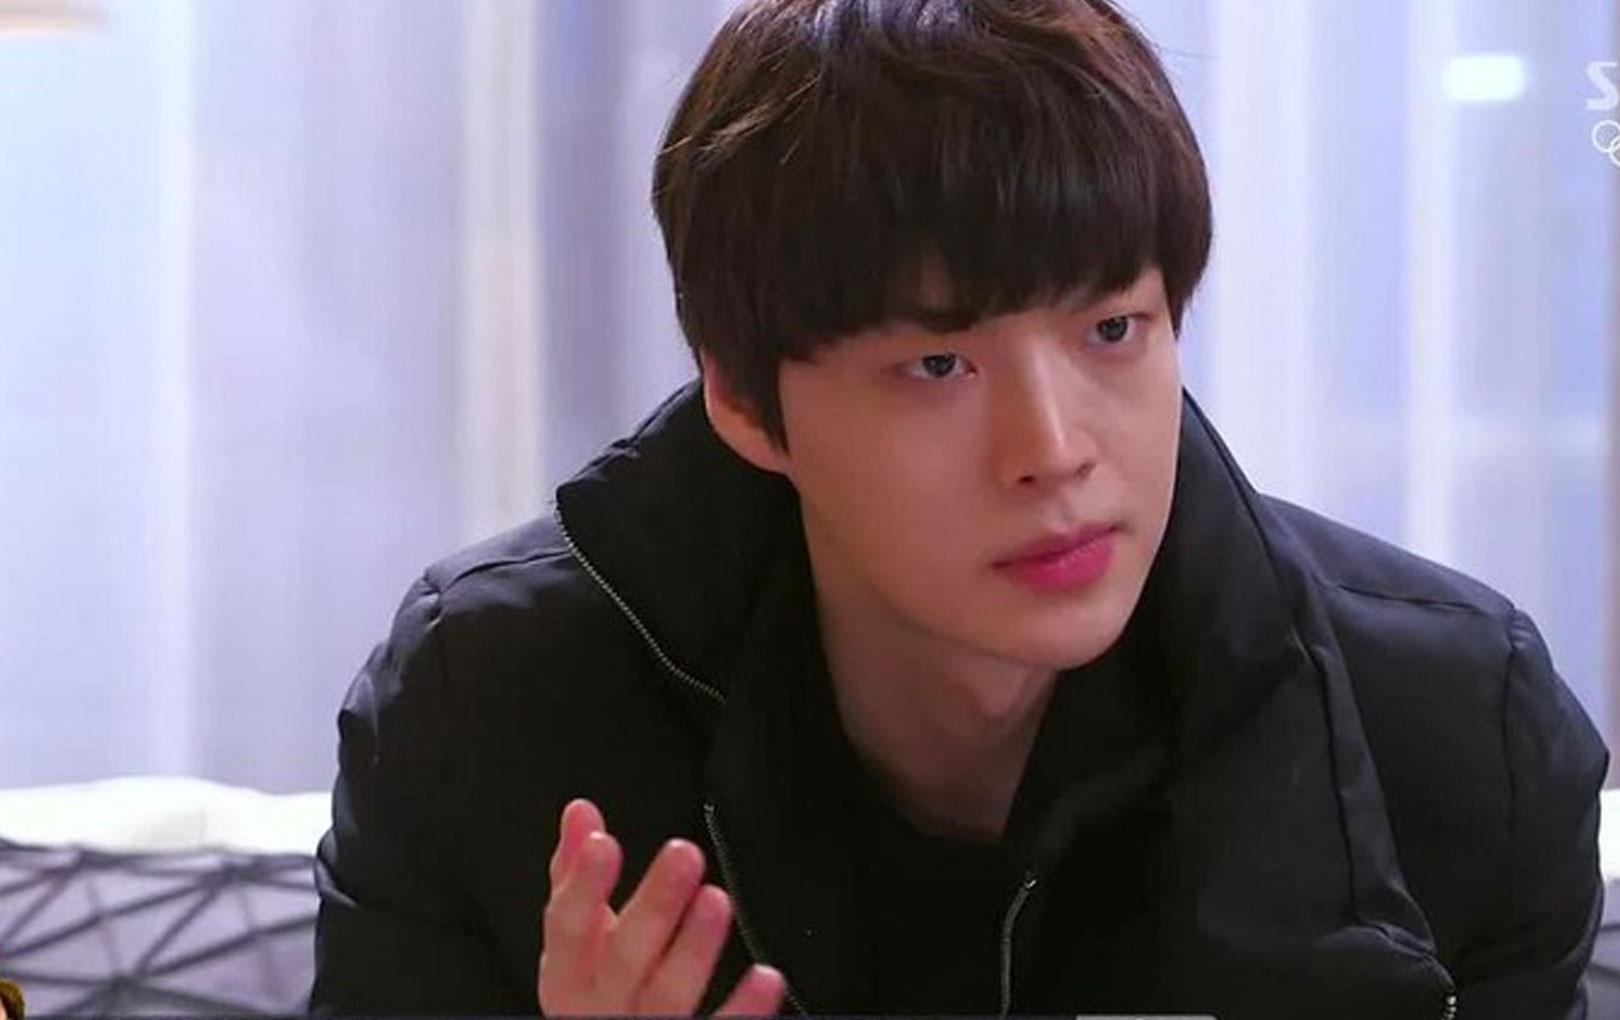 Ahn Jae Hyun lên tiếng thanh minh về bức ảnh mặc áo choàng tắm trong khách sạn do Goo Hye Sun công bố